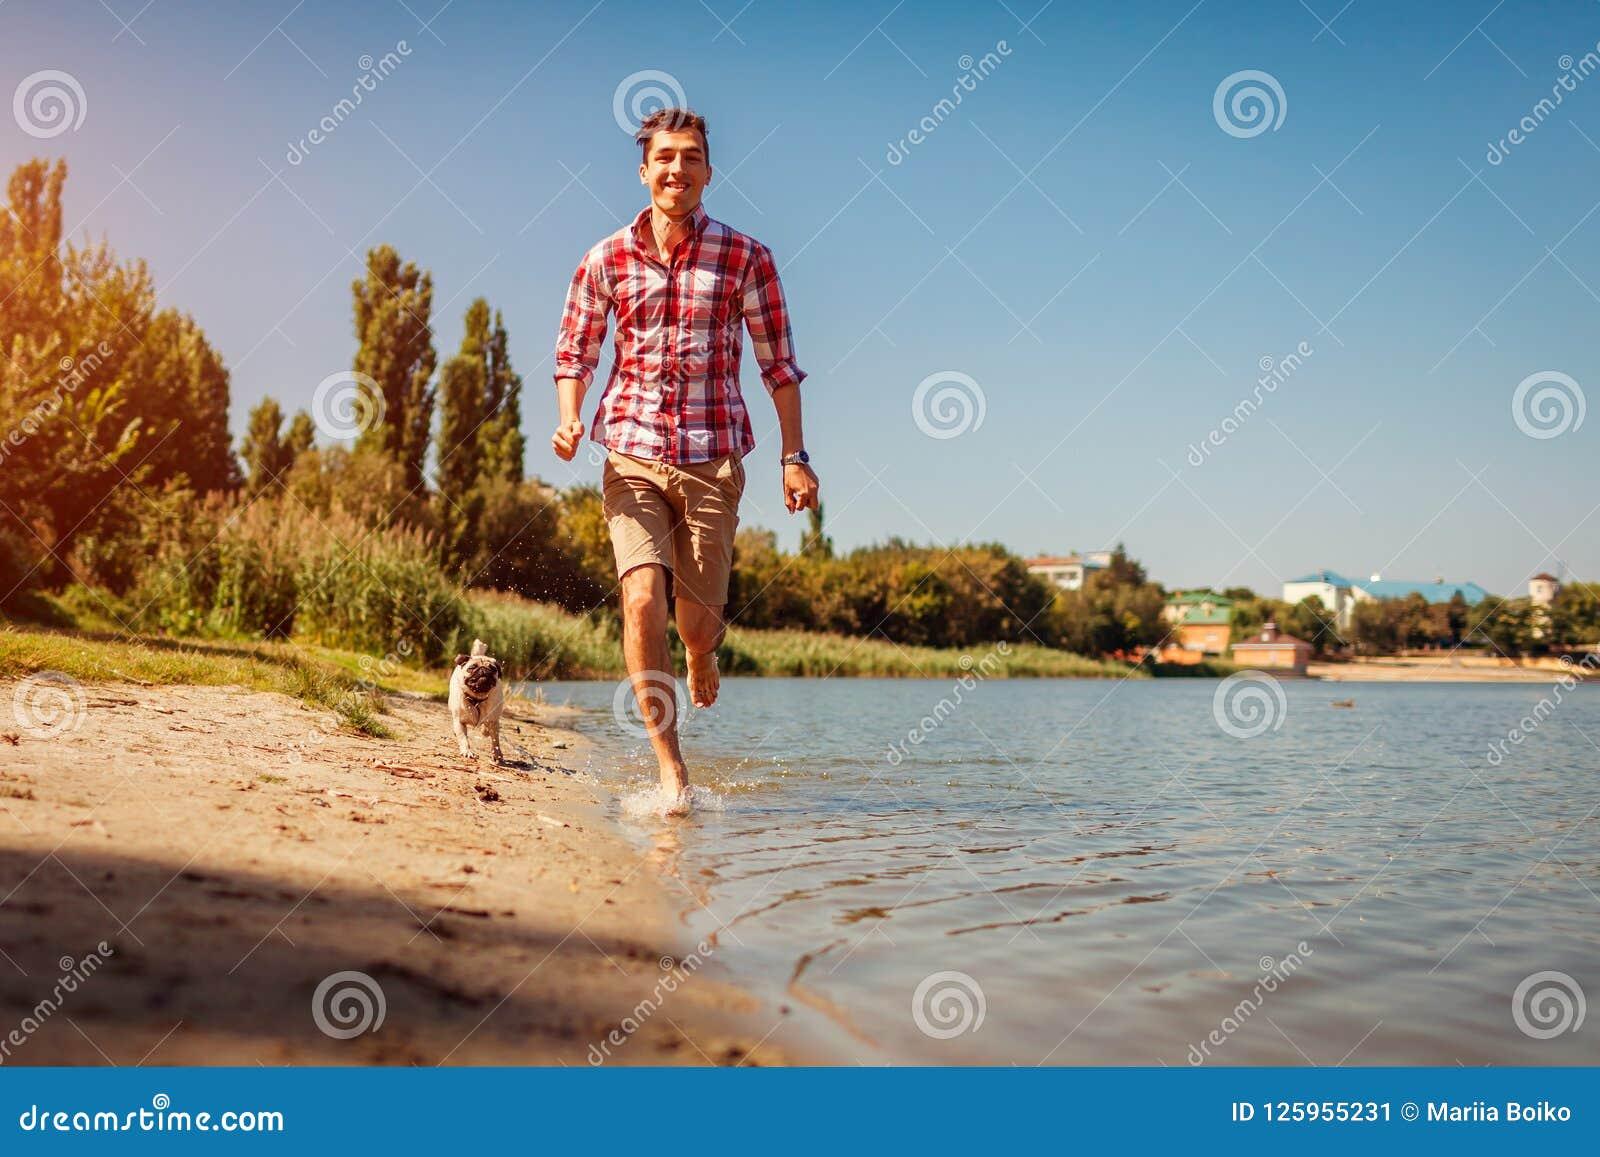 Chien de roquet jouant avec le maître par la rivière Chiot heureux courant et ayant l amusement Homme pursueing de chien dehors